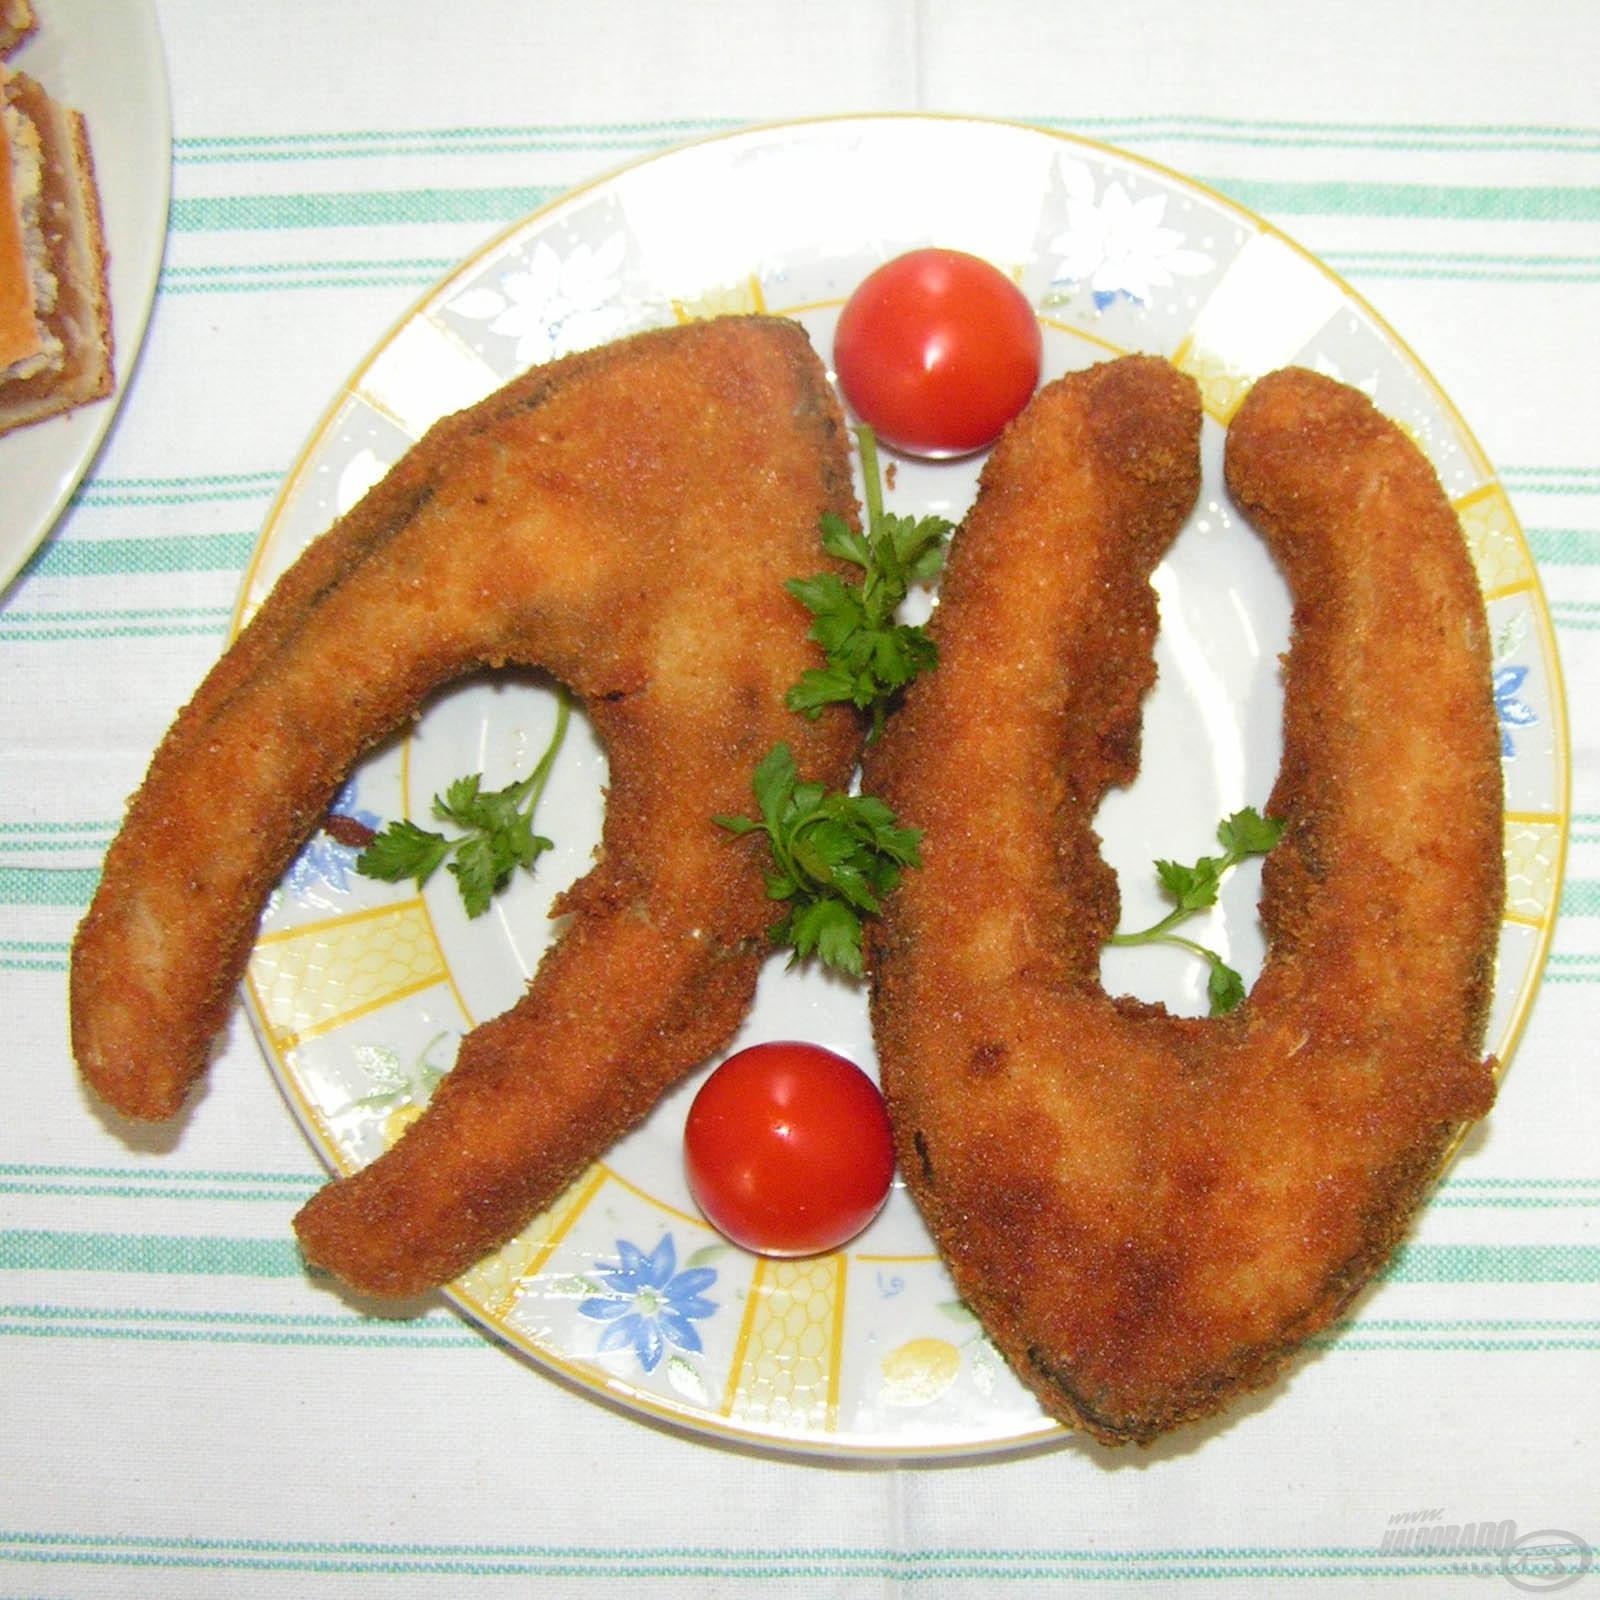 Békés halból készült ételek